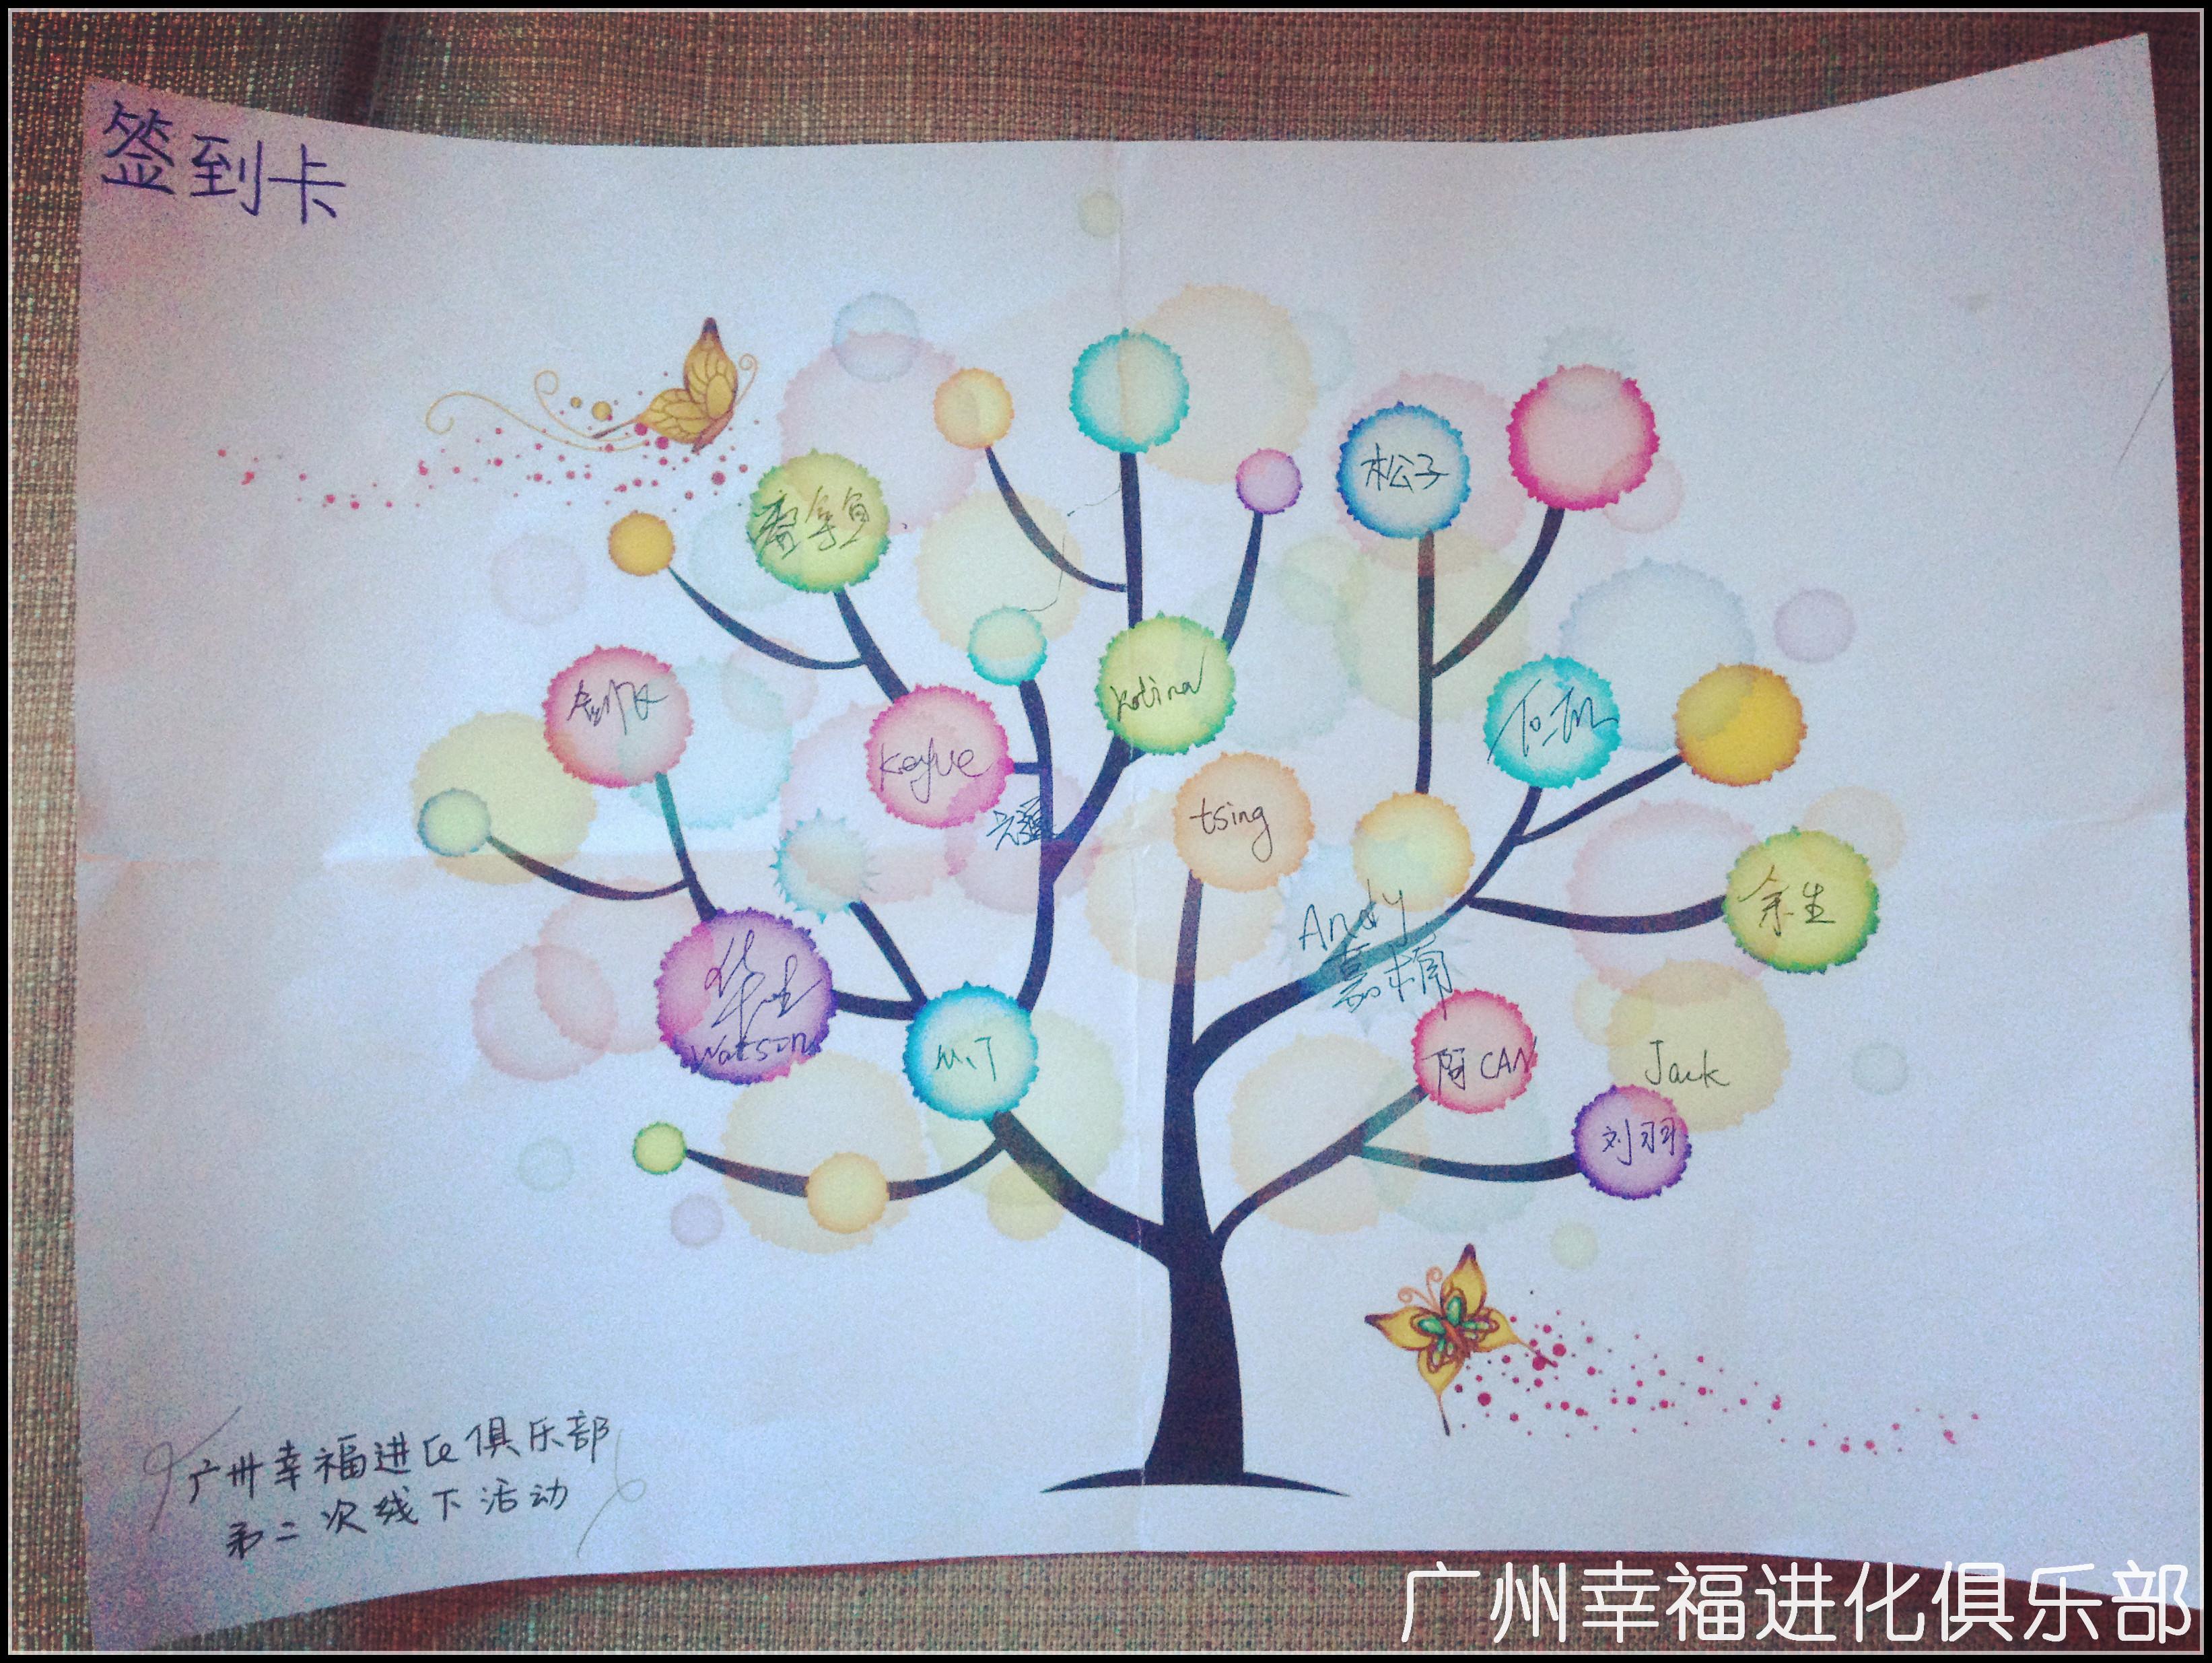 【广州幸福进化俱乐部】第二期线下活动